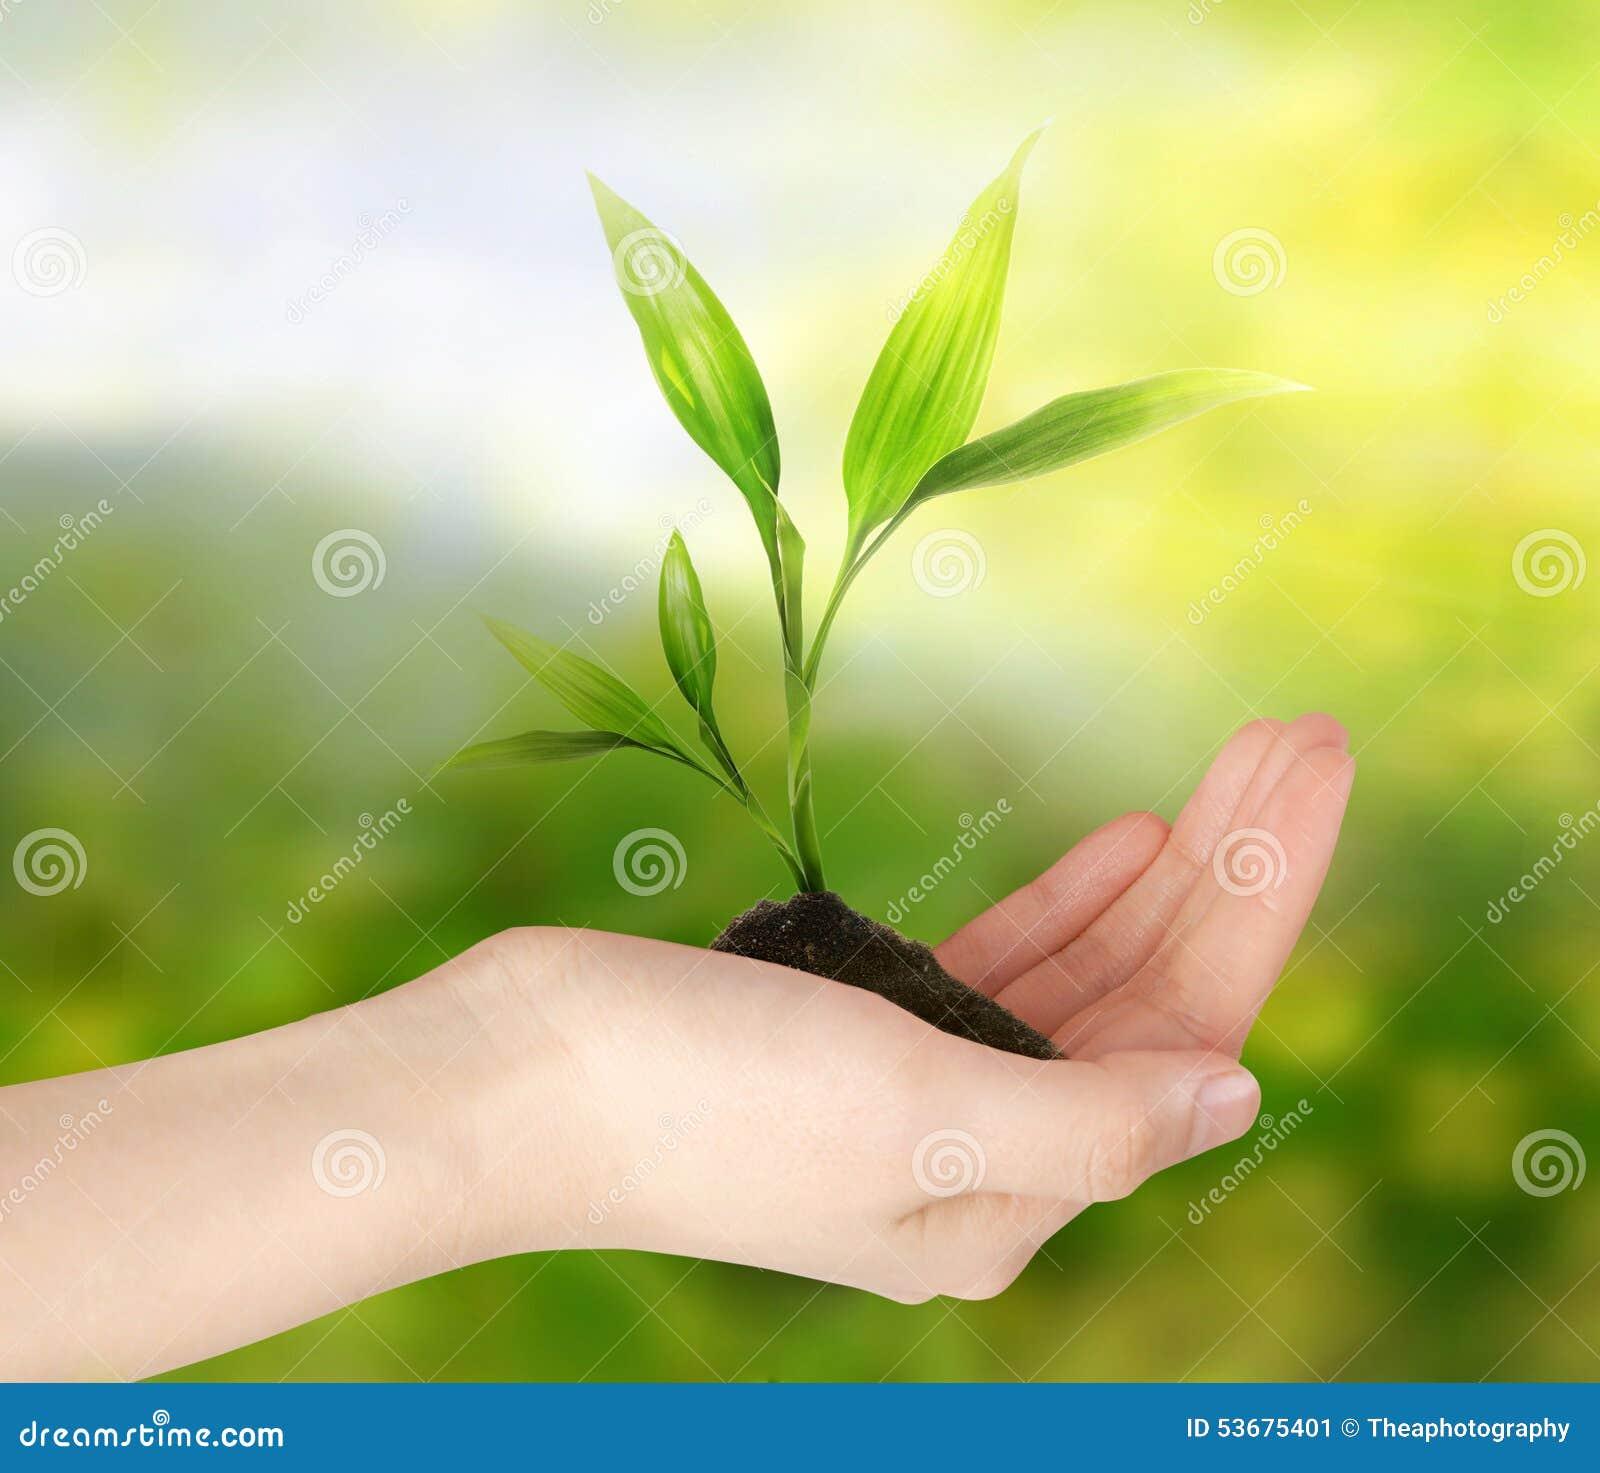 Zielona myśl koncepcja ekologii obrazów więcej mojego portfolio